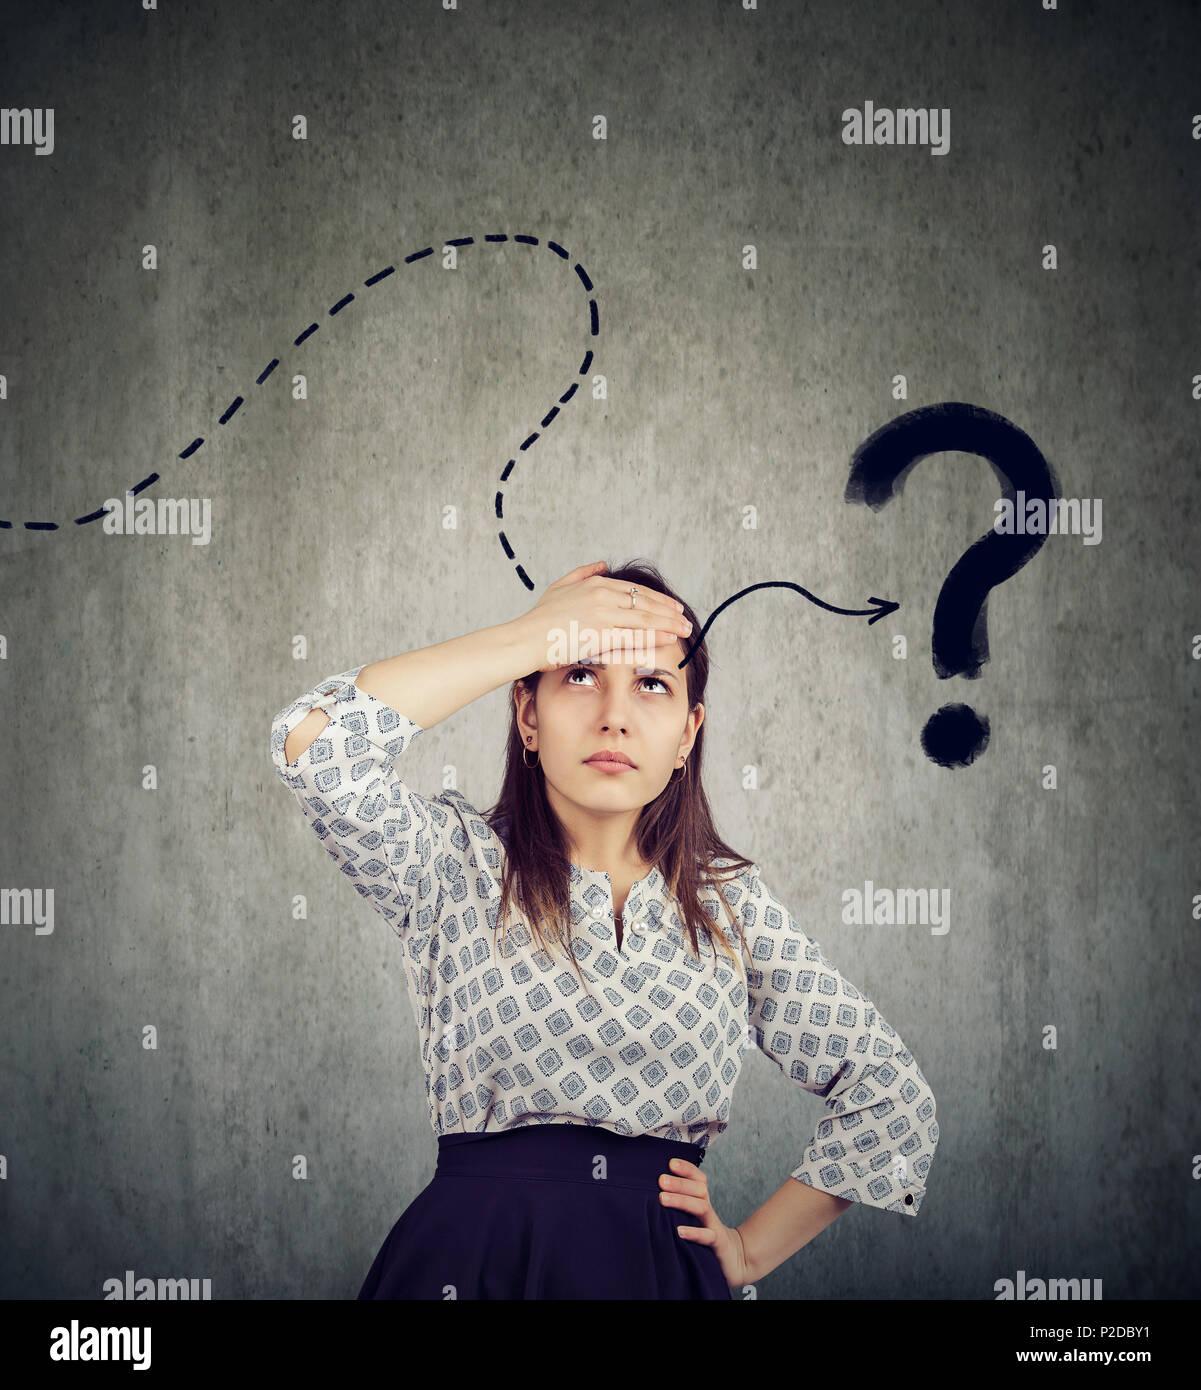 Jeune femme réfléchissant essayant de se souvenir a une question Photo Stock